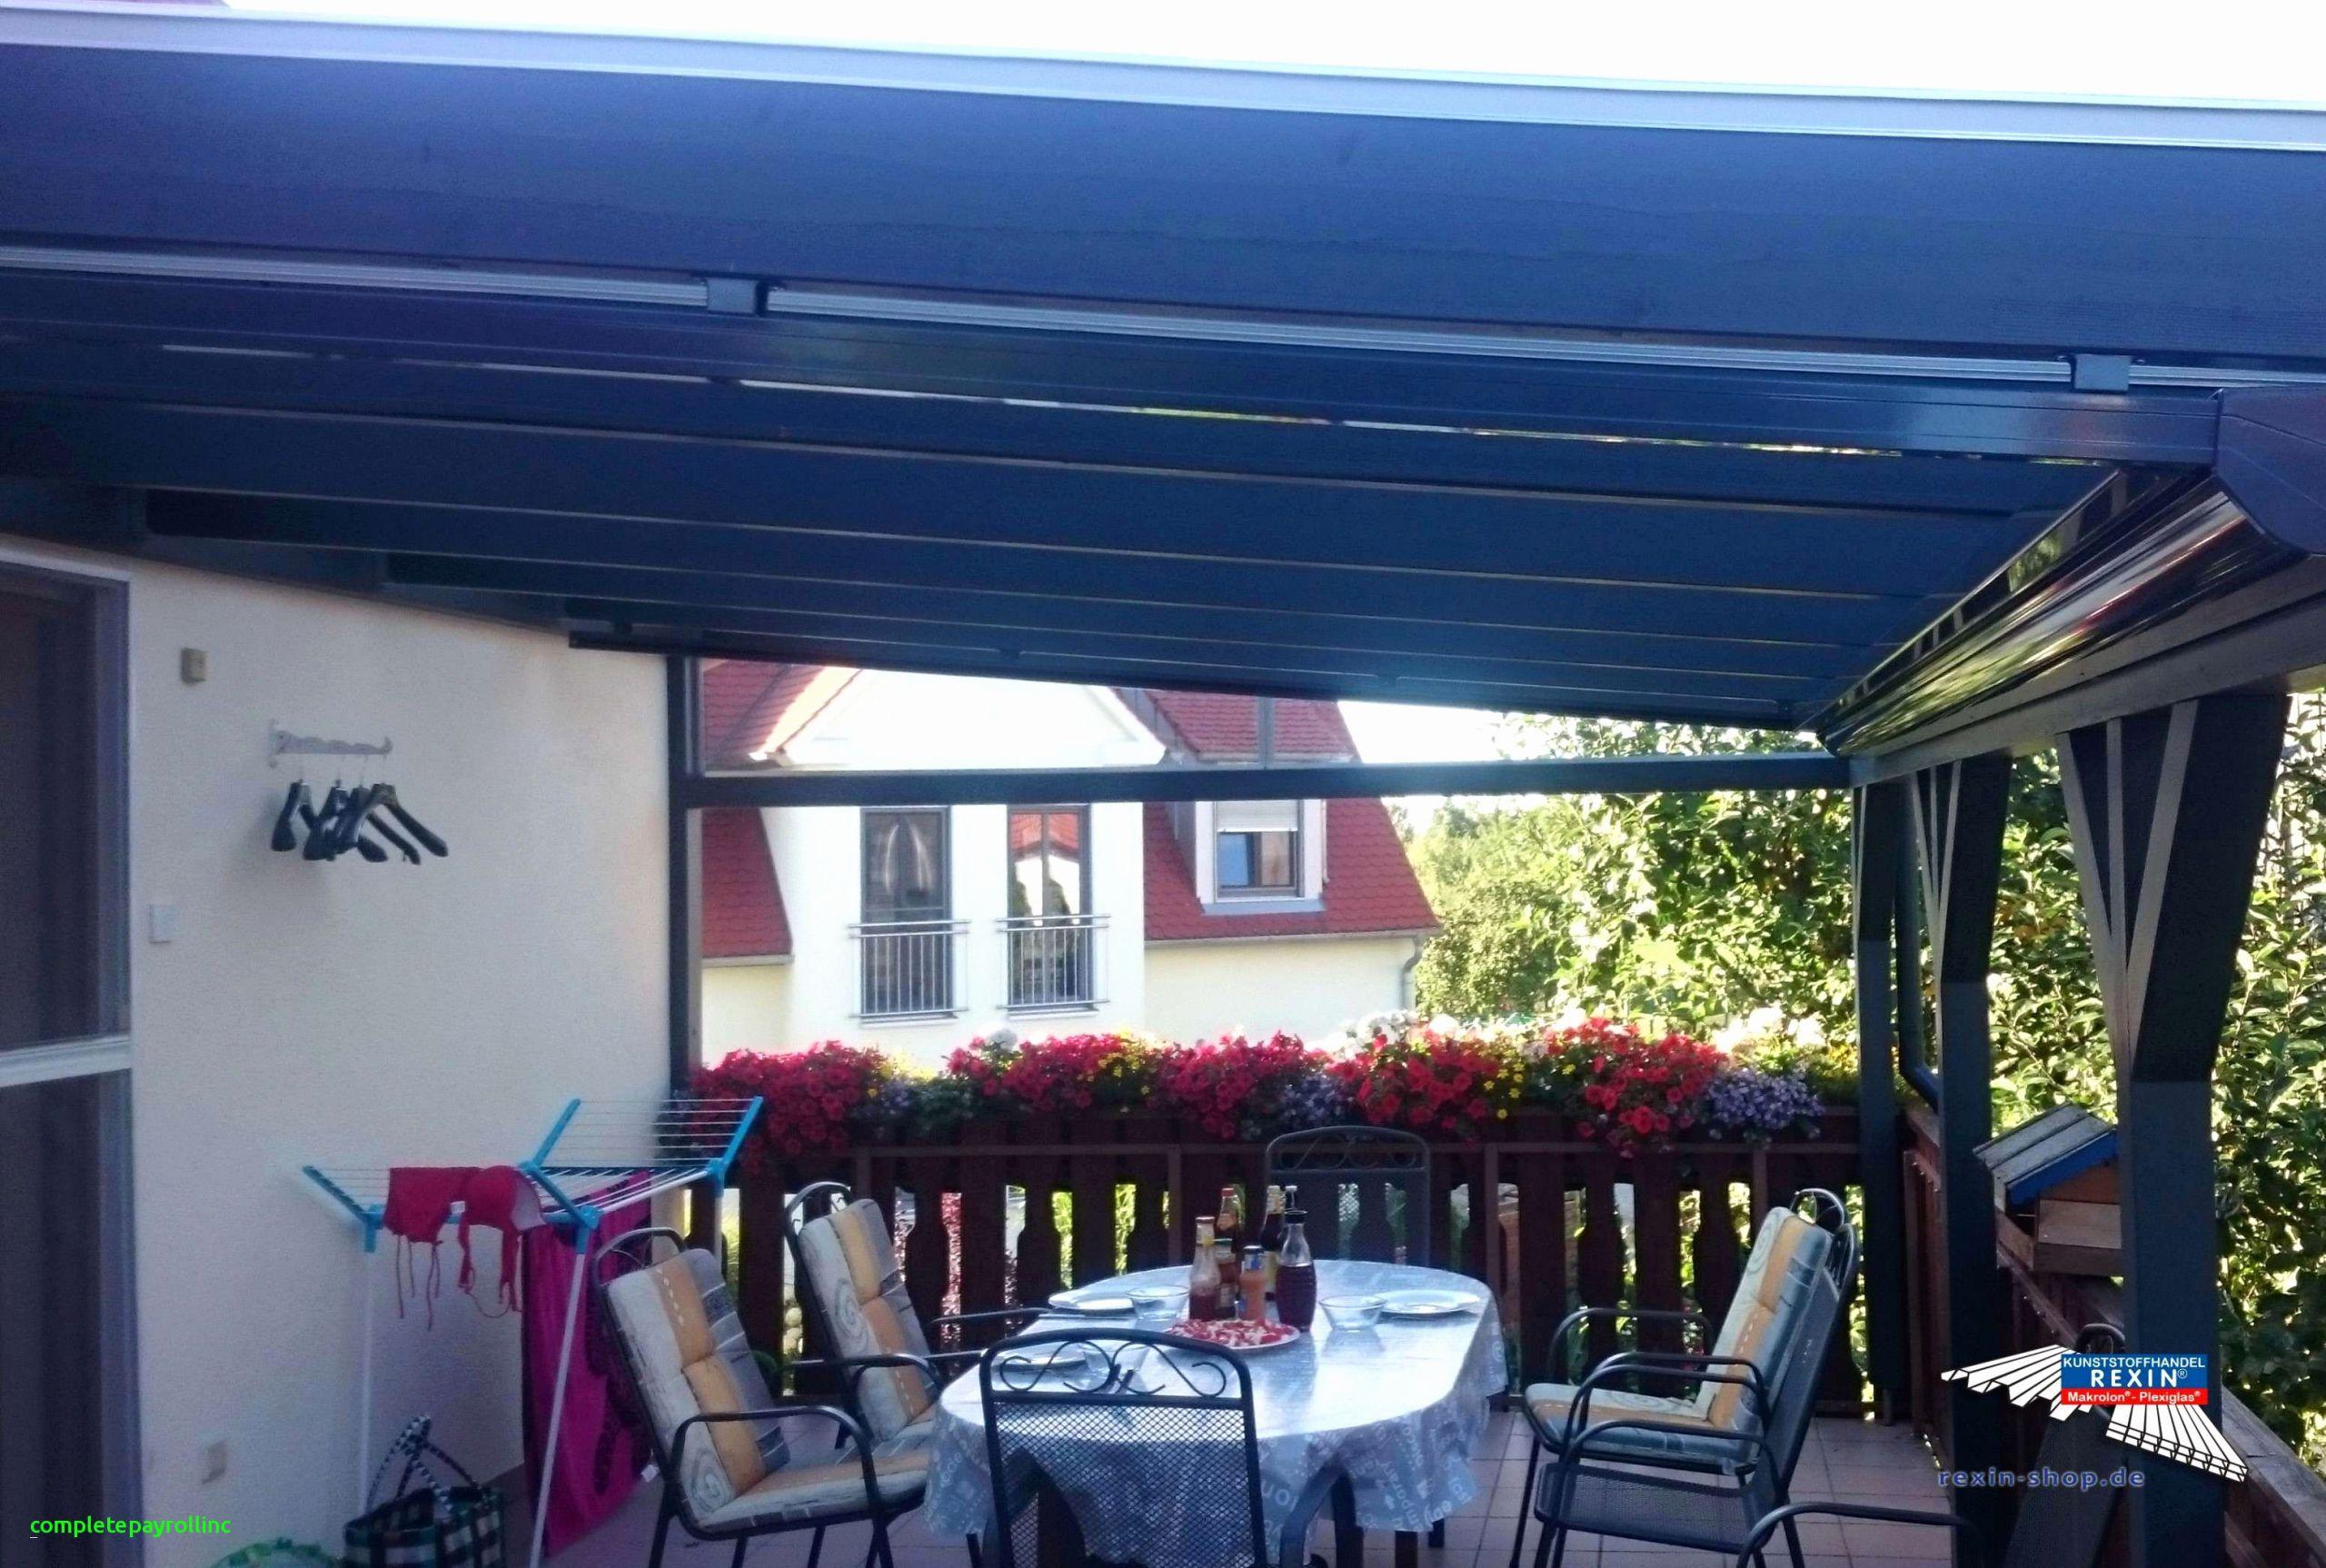 deko selber machen holz neu holz deko selber machen balkon deko best dekoration balkon 0d luxus of deko selber machen holz